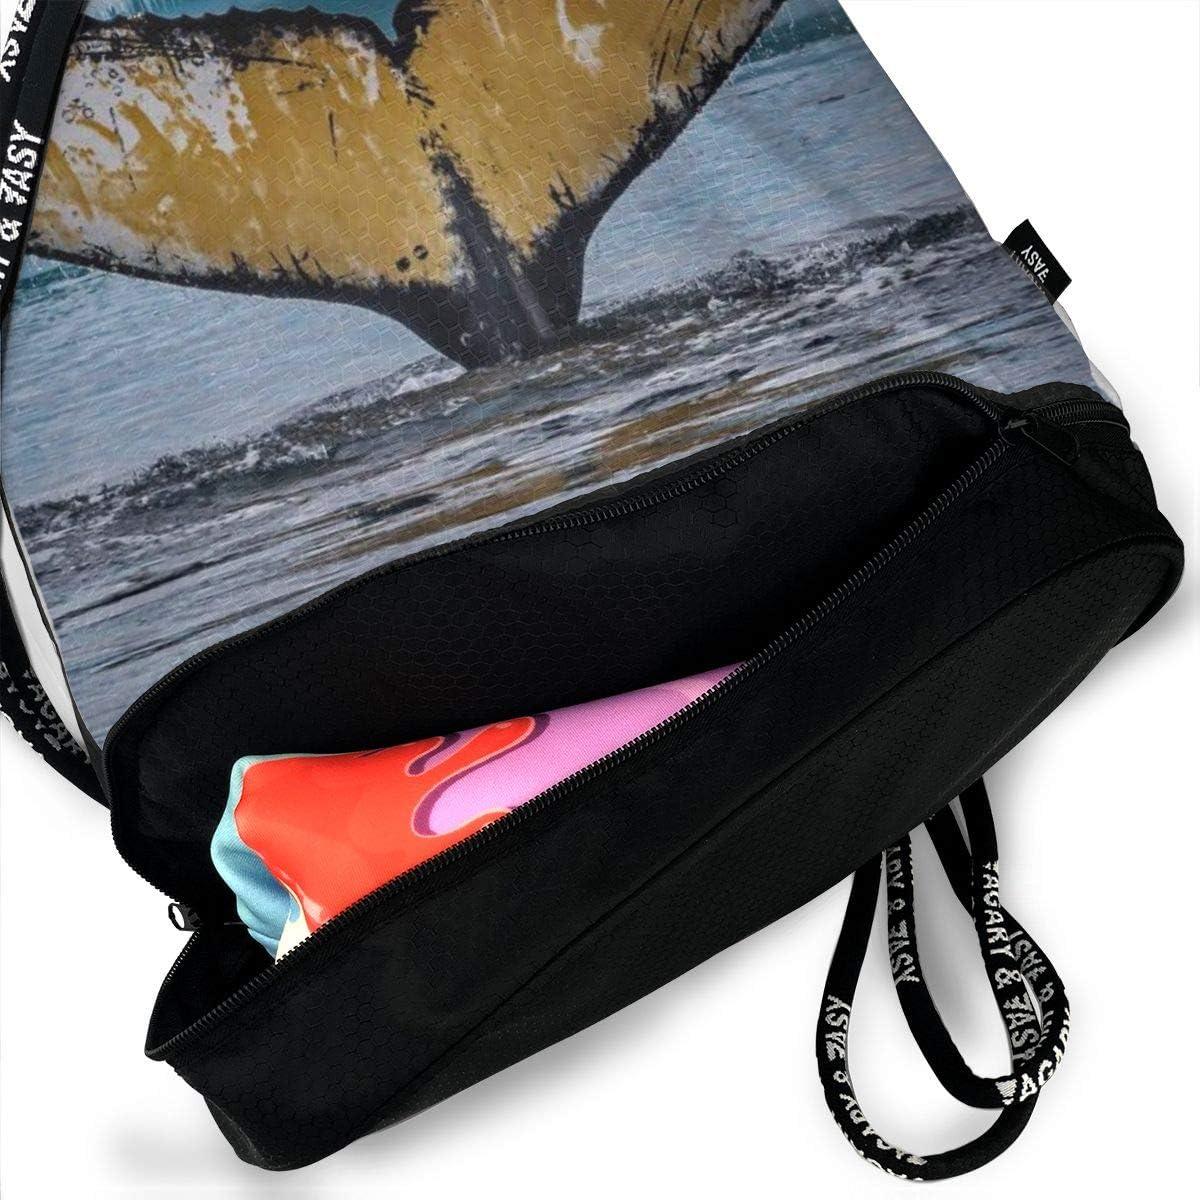 GymSack Drawstring Bag Sackpack Diving Moment Whale Sport Cinch Pack Simple Bundle Pocke Backpack For Men Women